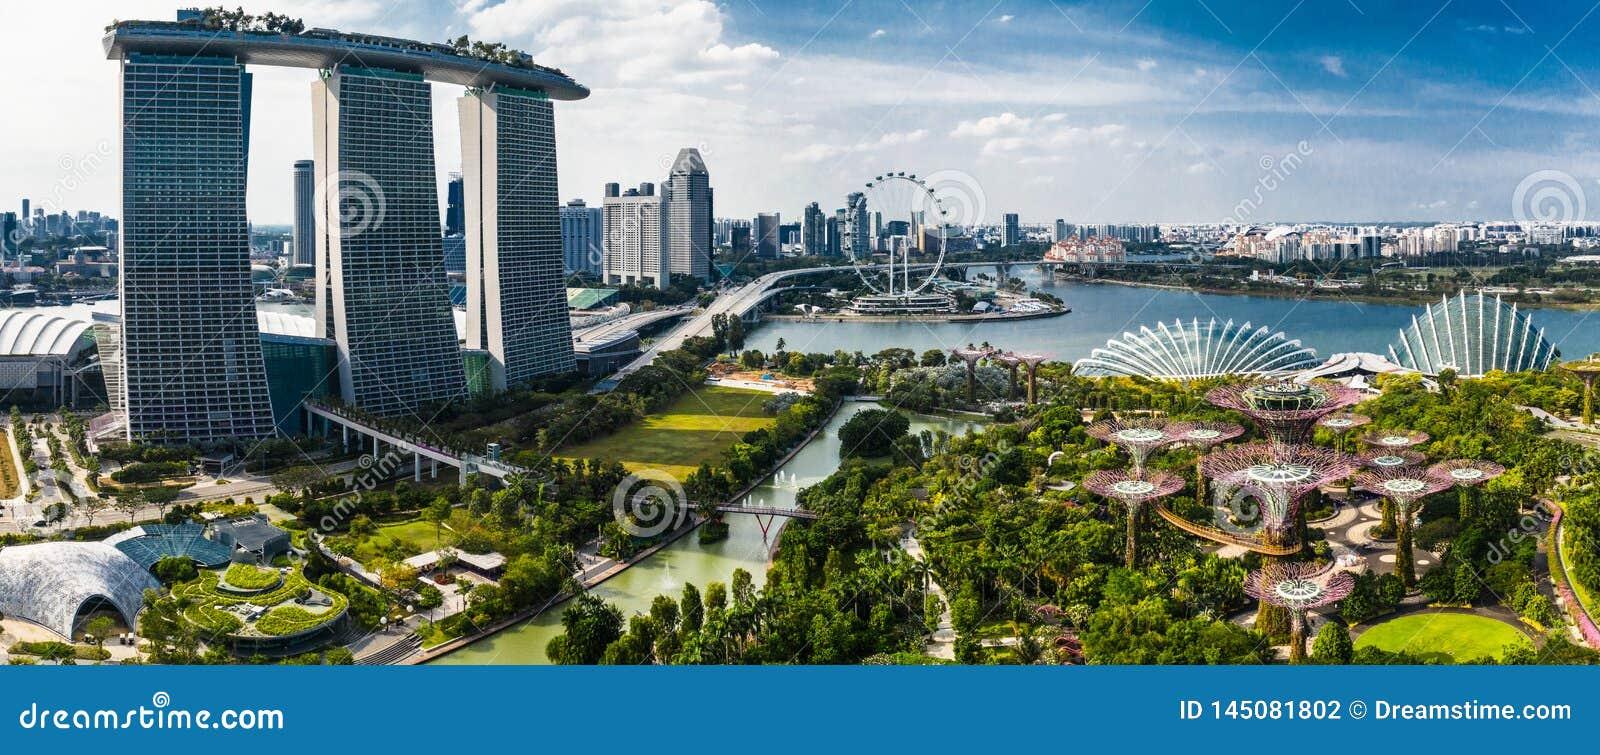 Alegria da vida em jardins pela baía, Singapura